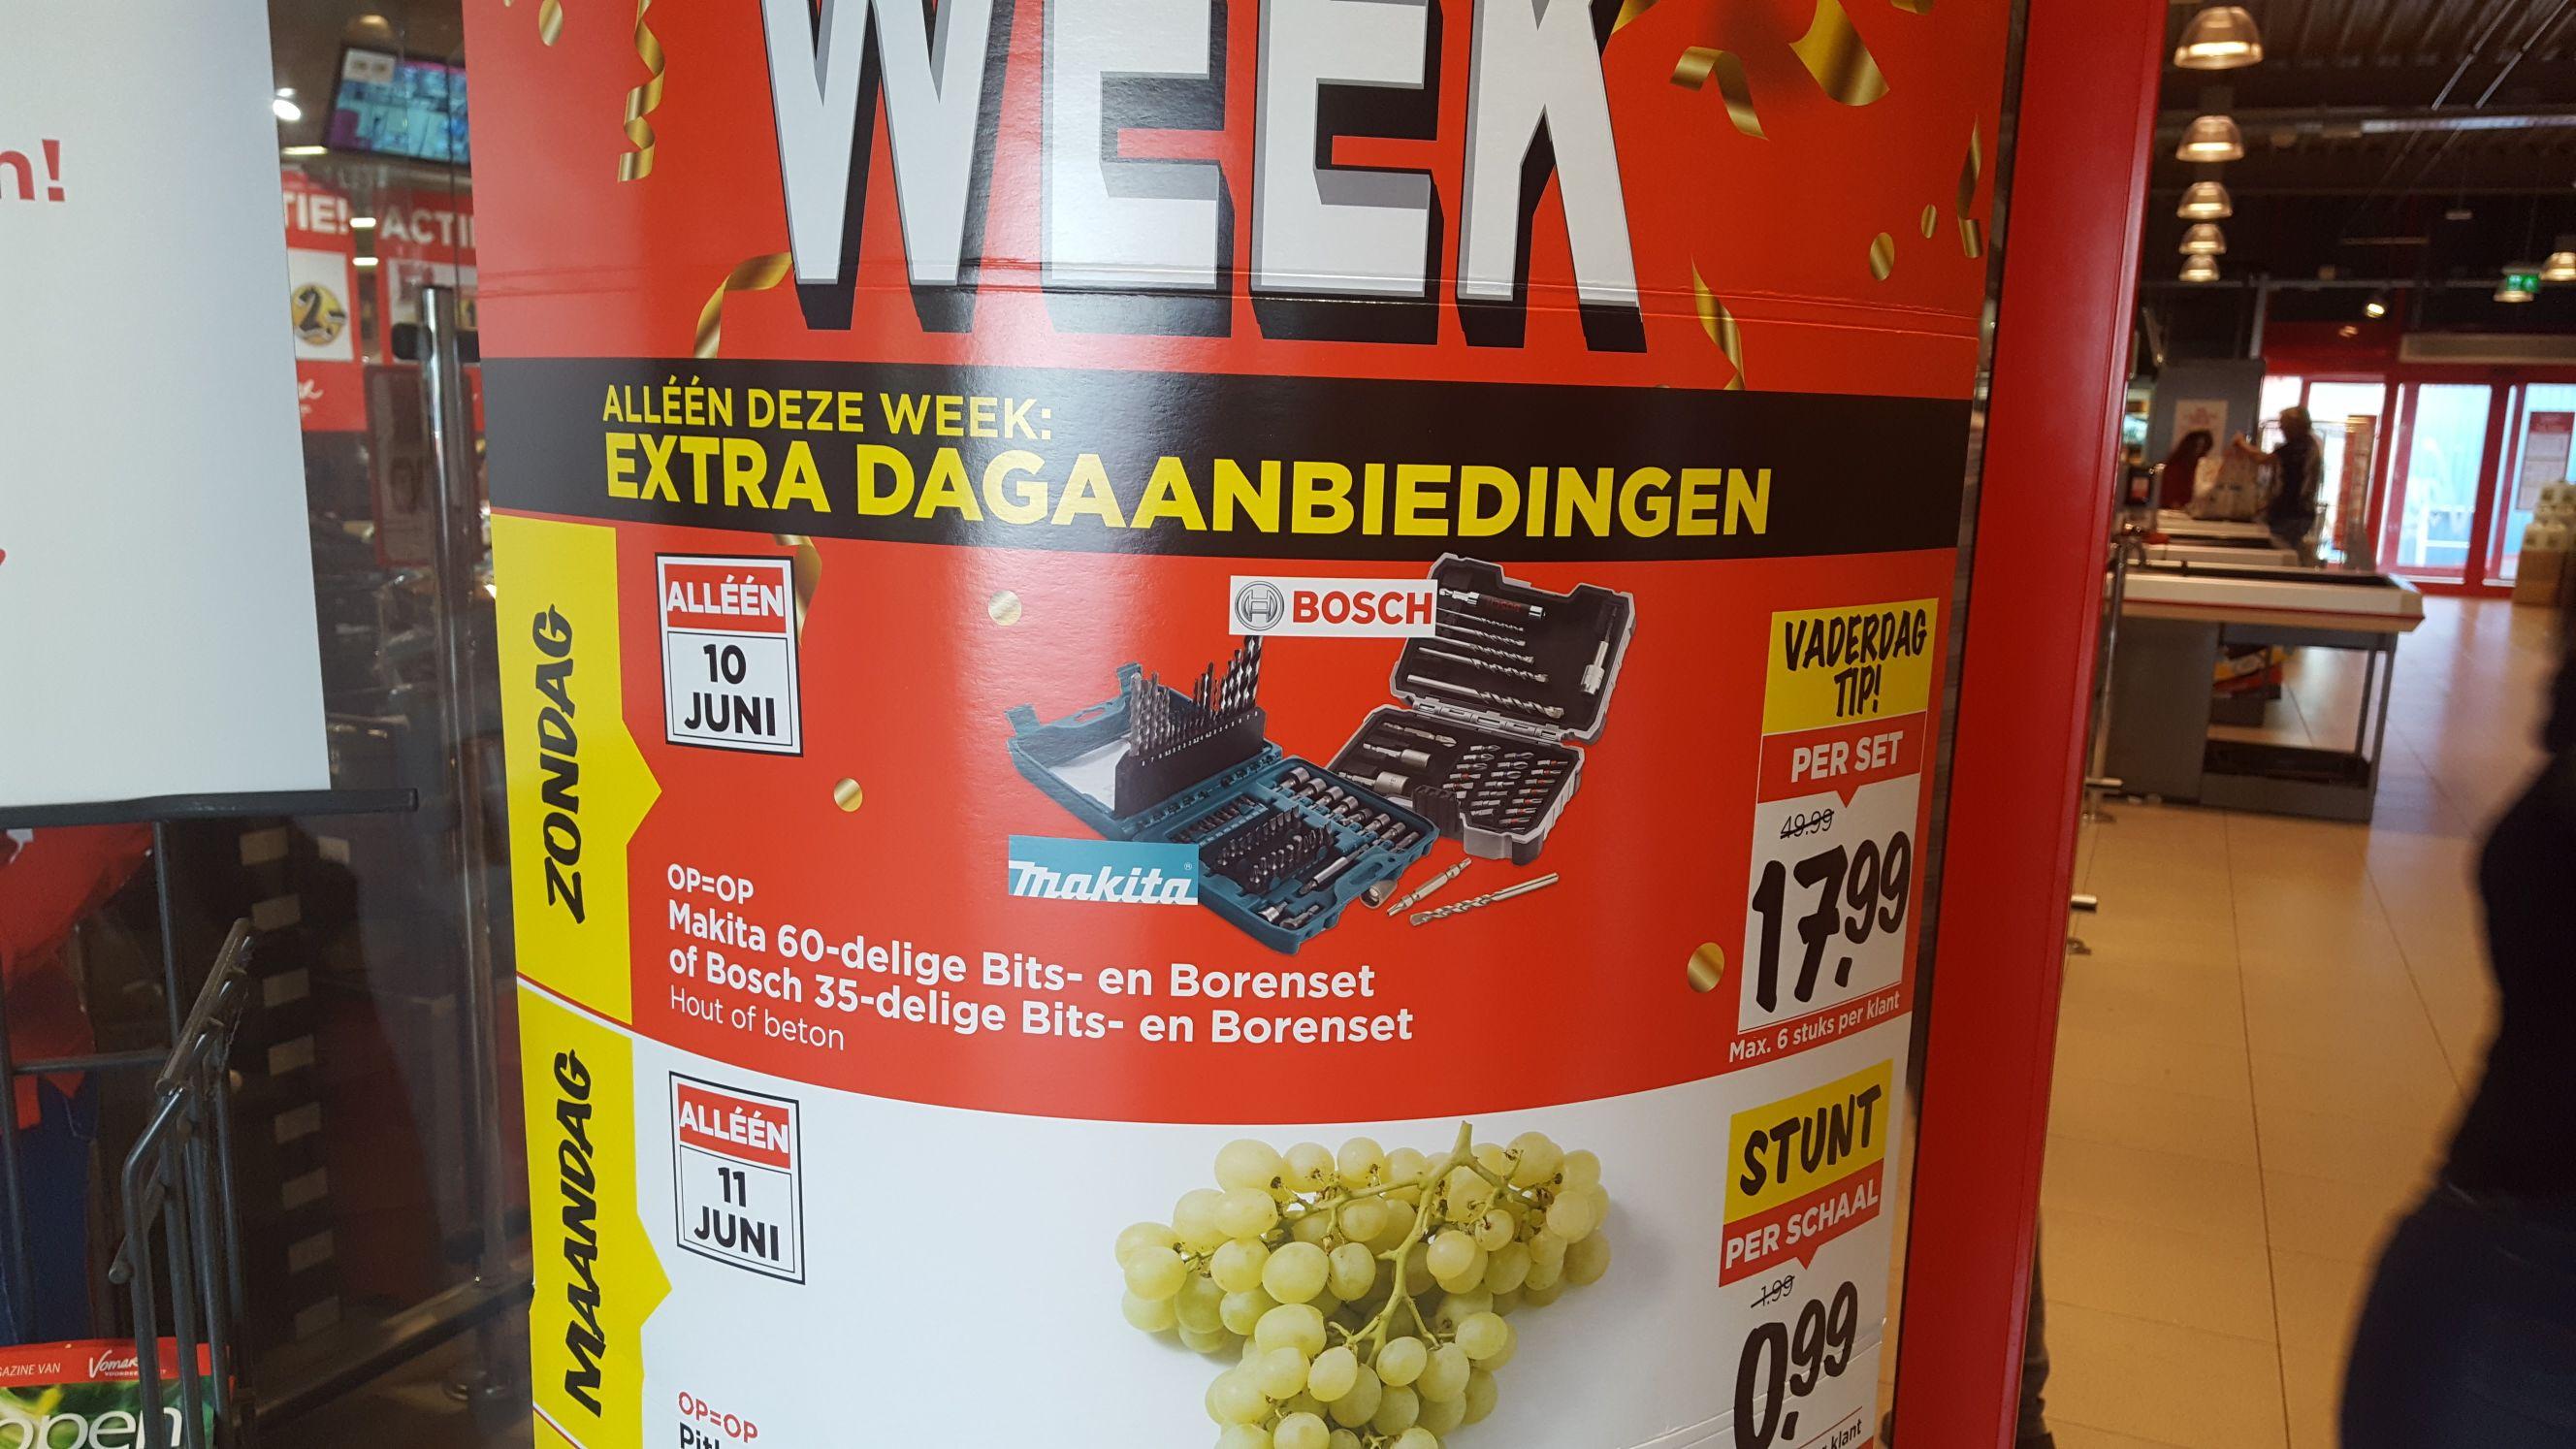 (Alleen zondag 10 juni) Makita 60-delige bits- en borenset of Bosch 35-delige bits- en boren set voor hout of beton